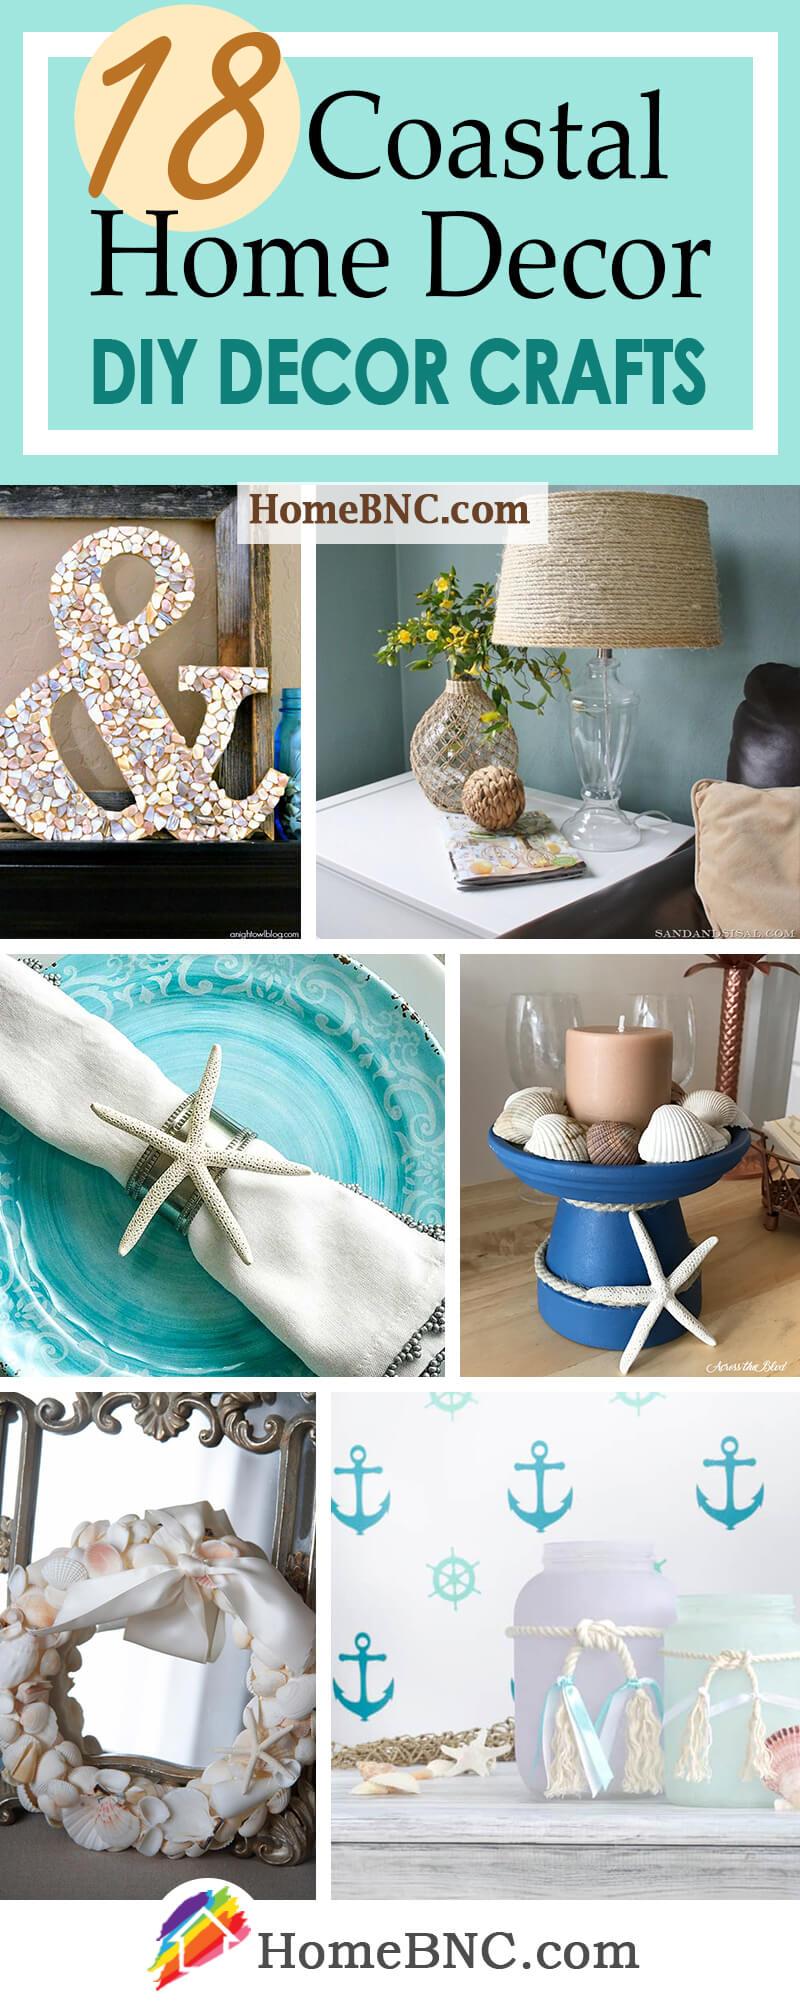 DIY Coastal Home Decor and Crafts